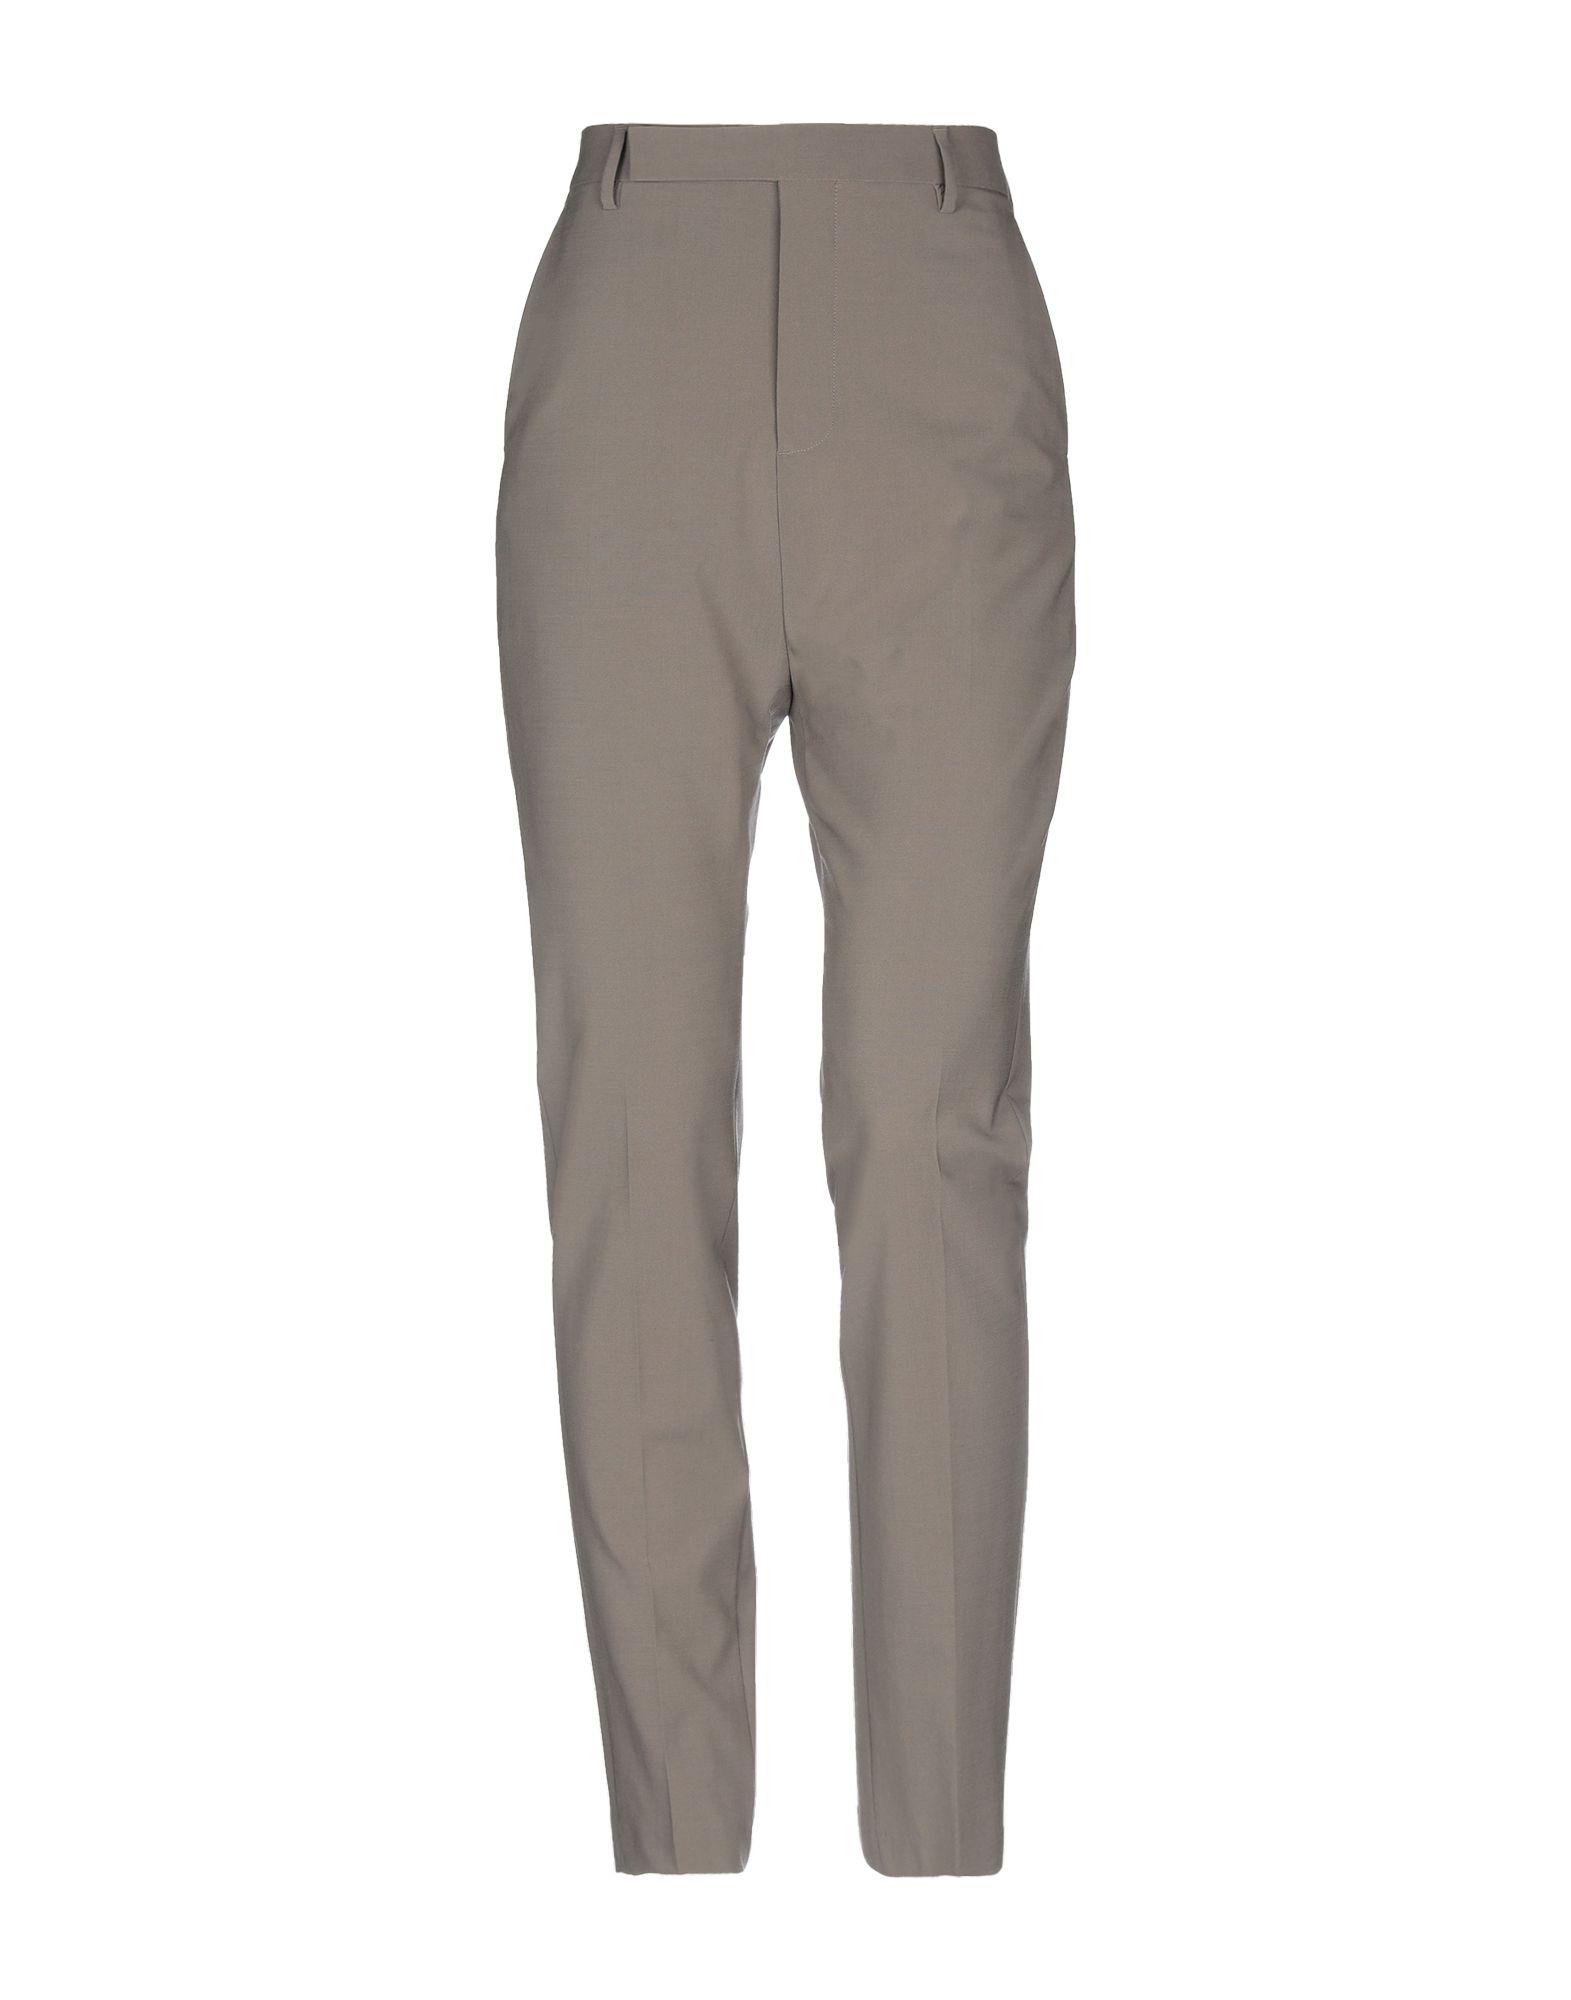 RICK OWENS Повседневные брюки кастрюля lara lr02 021 18 см 2 3 л нержавеющая сталь